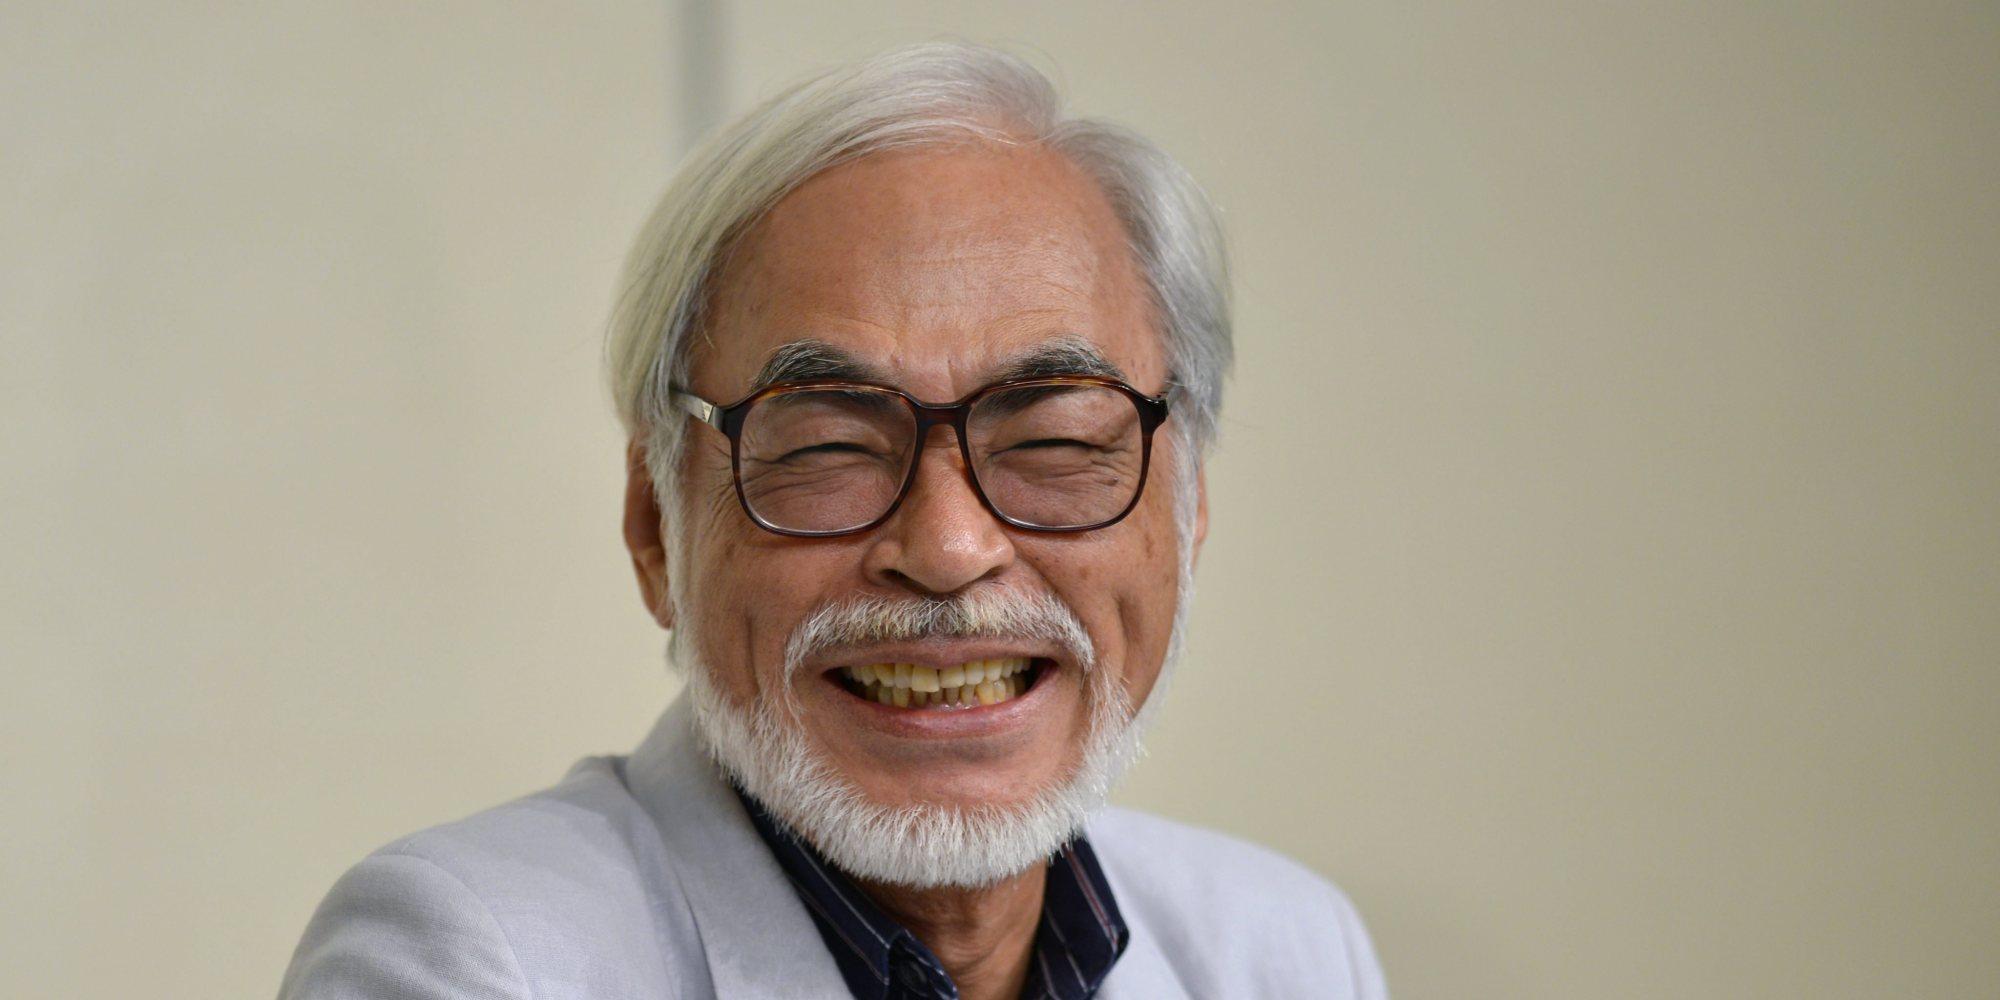 アカデミー賞の日本人受賞者・歴代ノミネート者一 …